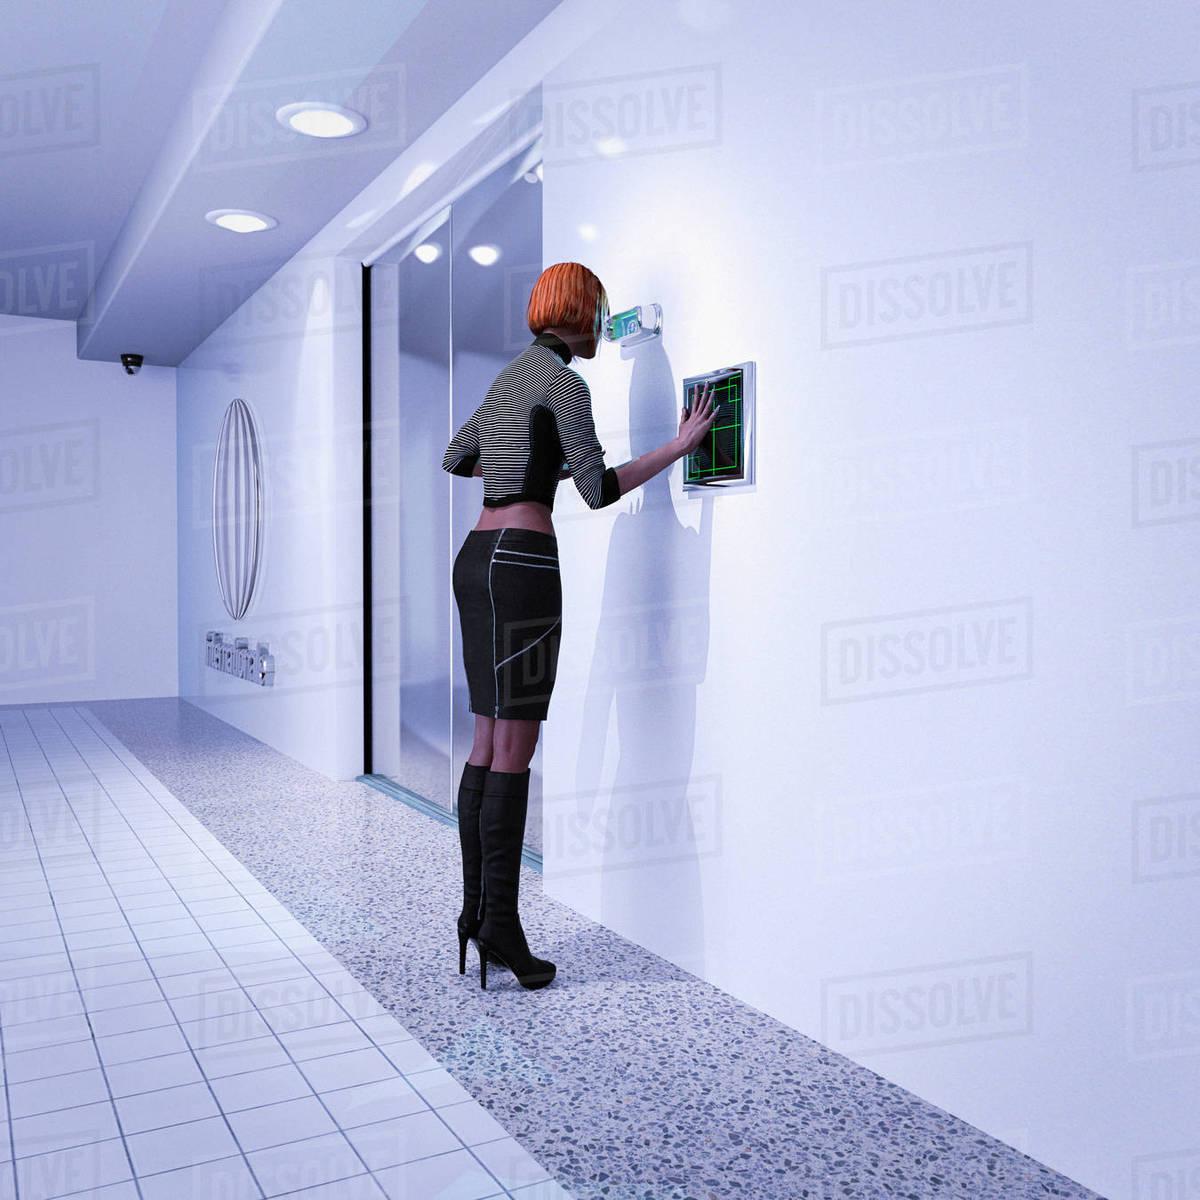 Woman using biometric scanners in futuristic corridor stock photo